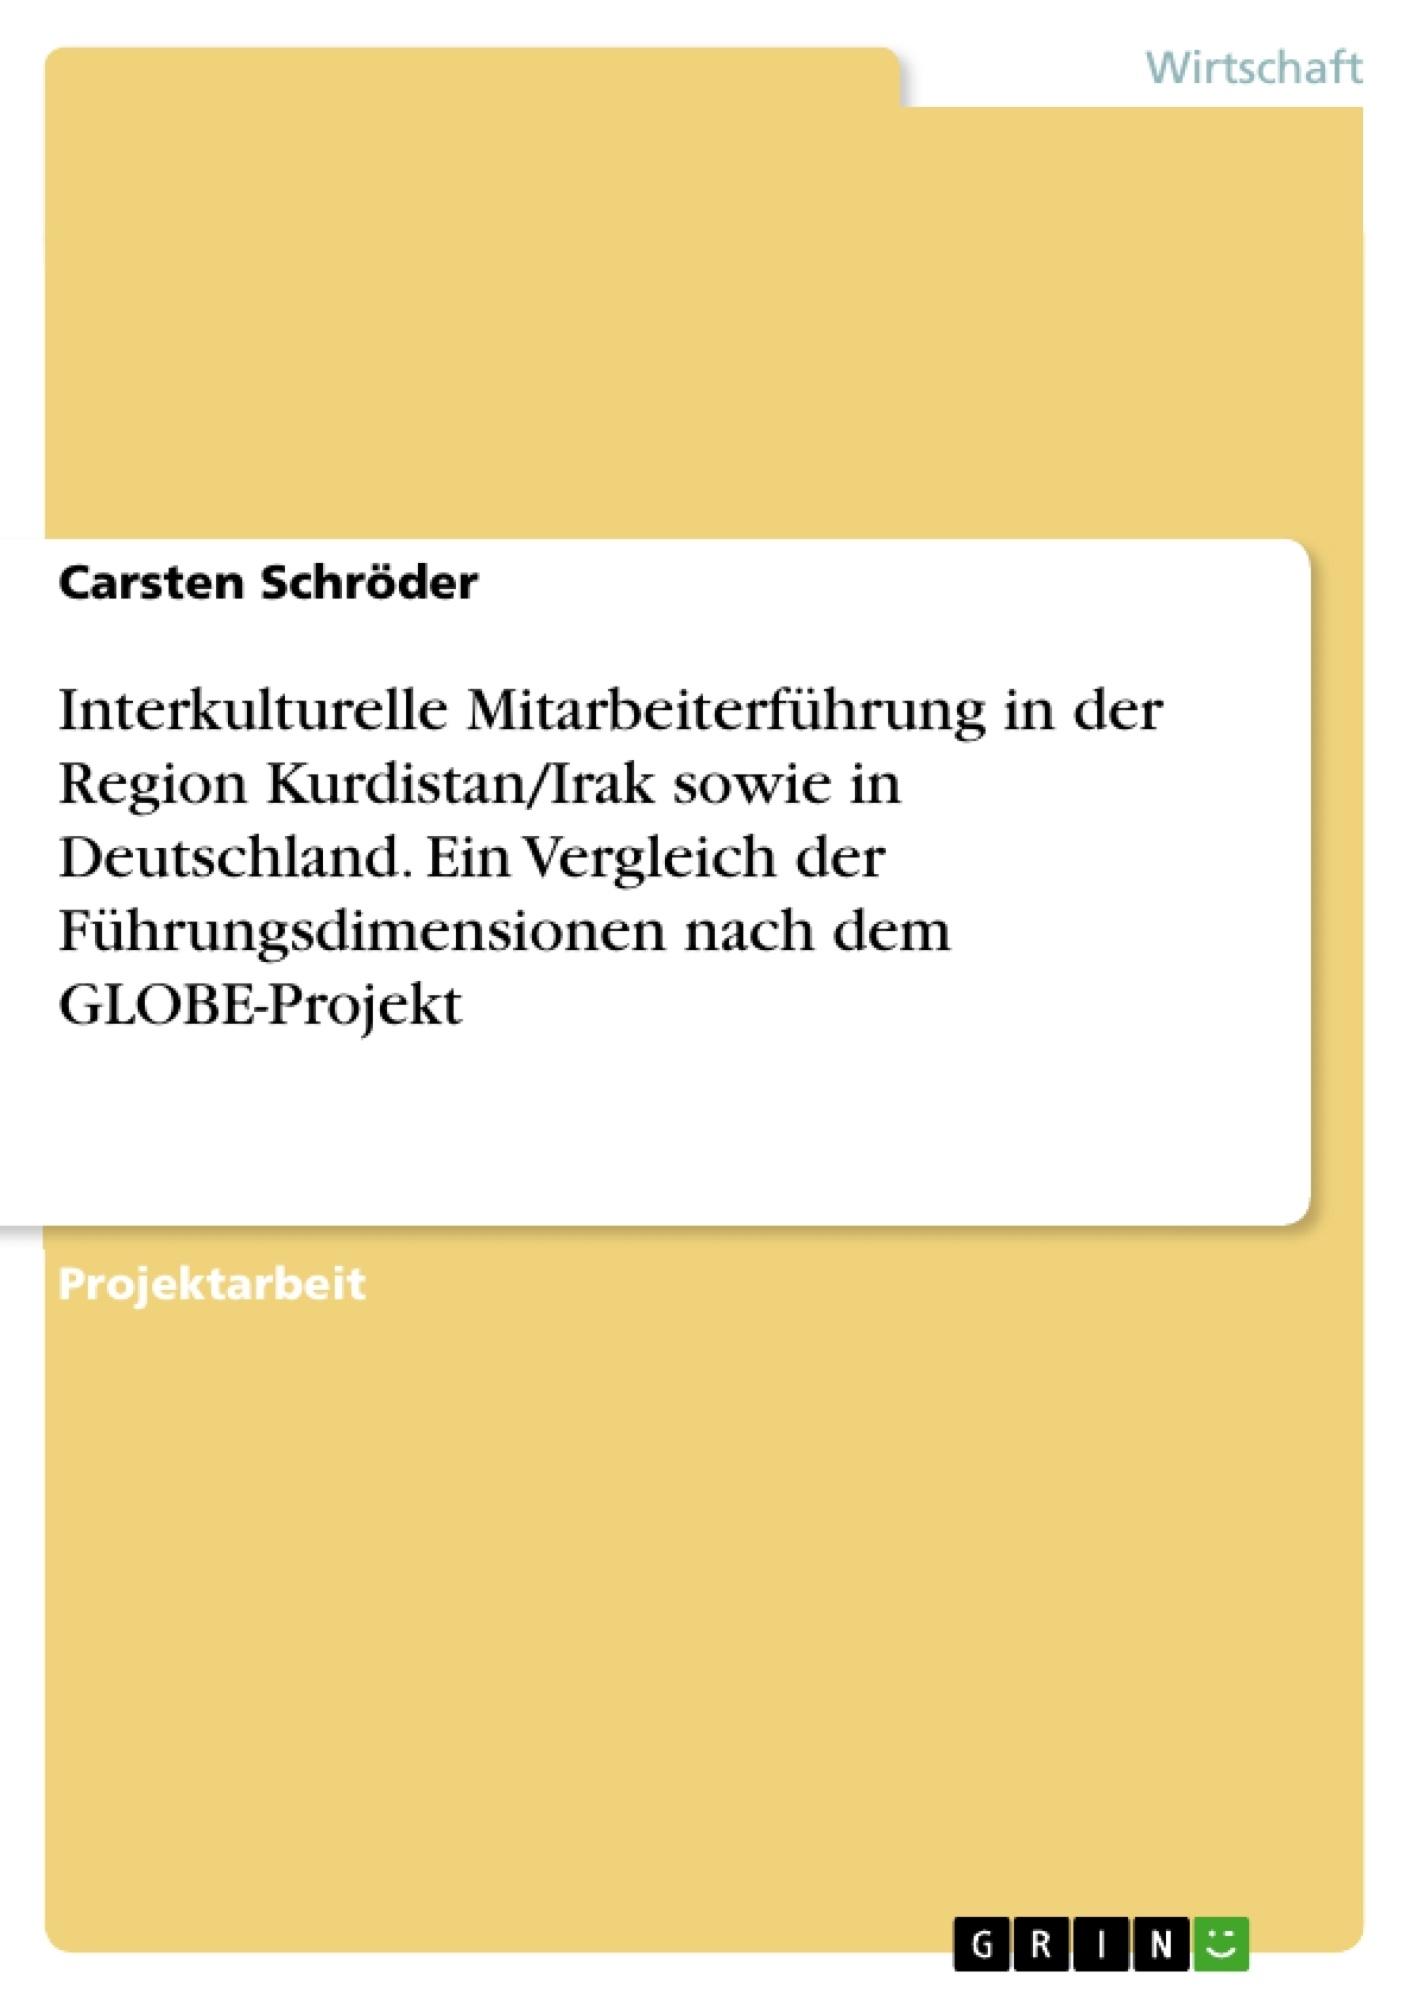 Titel: Interkulturelle Mitarbeiterführung in der Region Kurdistan/Irak sowie in Deutschland. Ein Vergleich der Führungsdimensionen nach dem GLOBE-Projekt